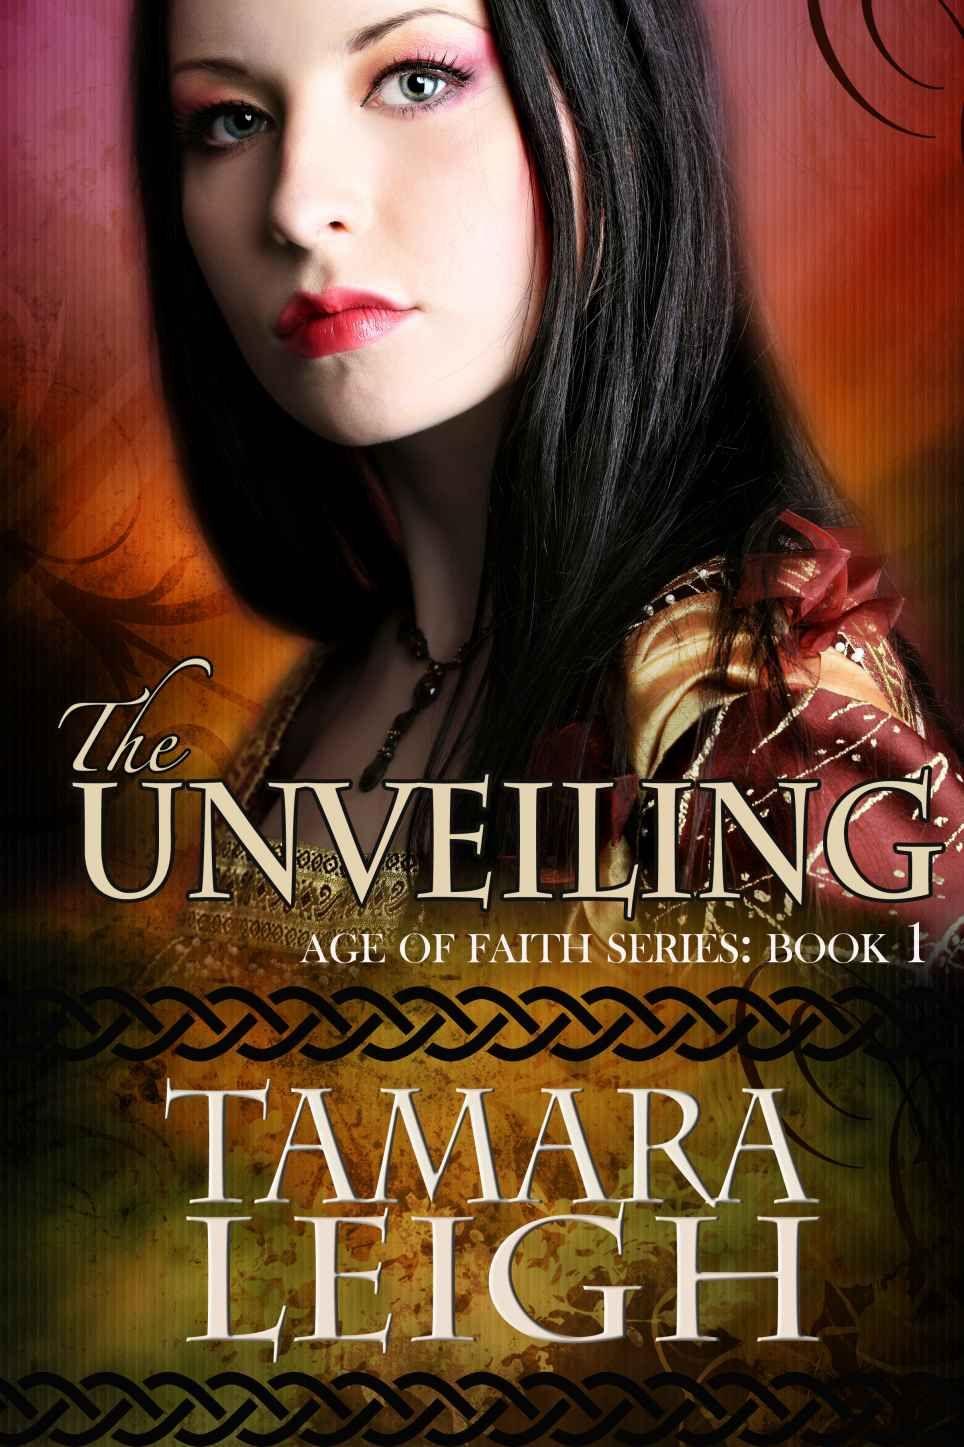 The Unveiling (Age of Faith) eBook Tamara